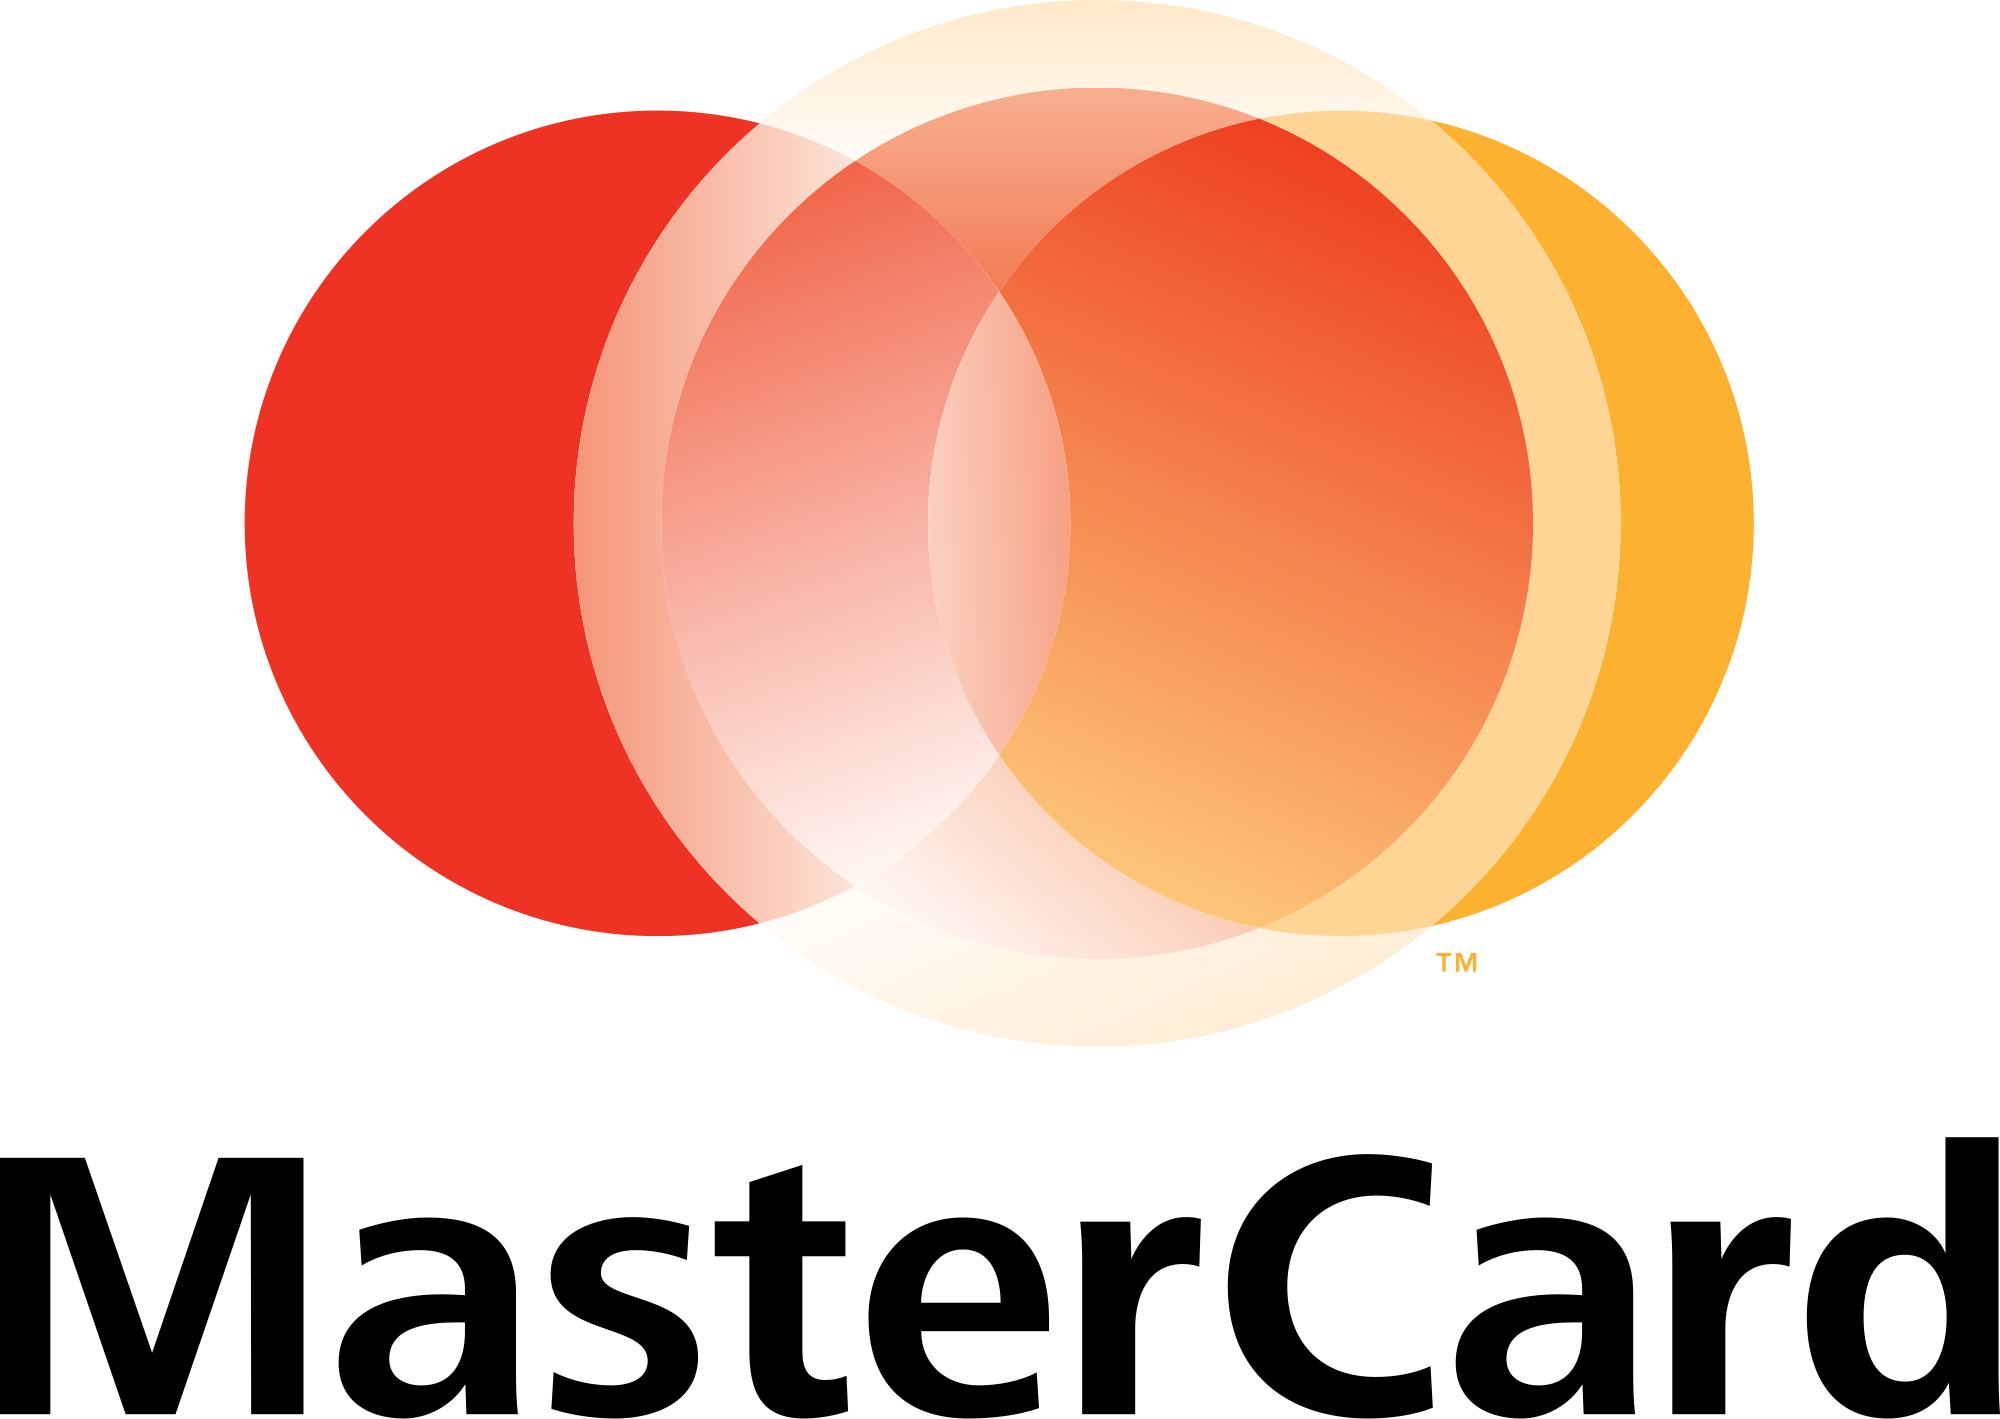 Mastercard Logos Hd - Mastercard HD PNG